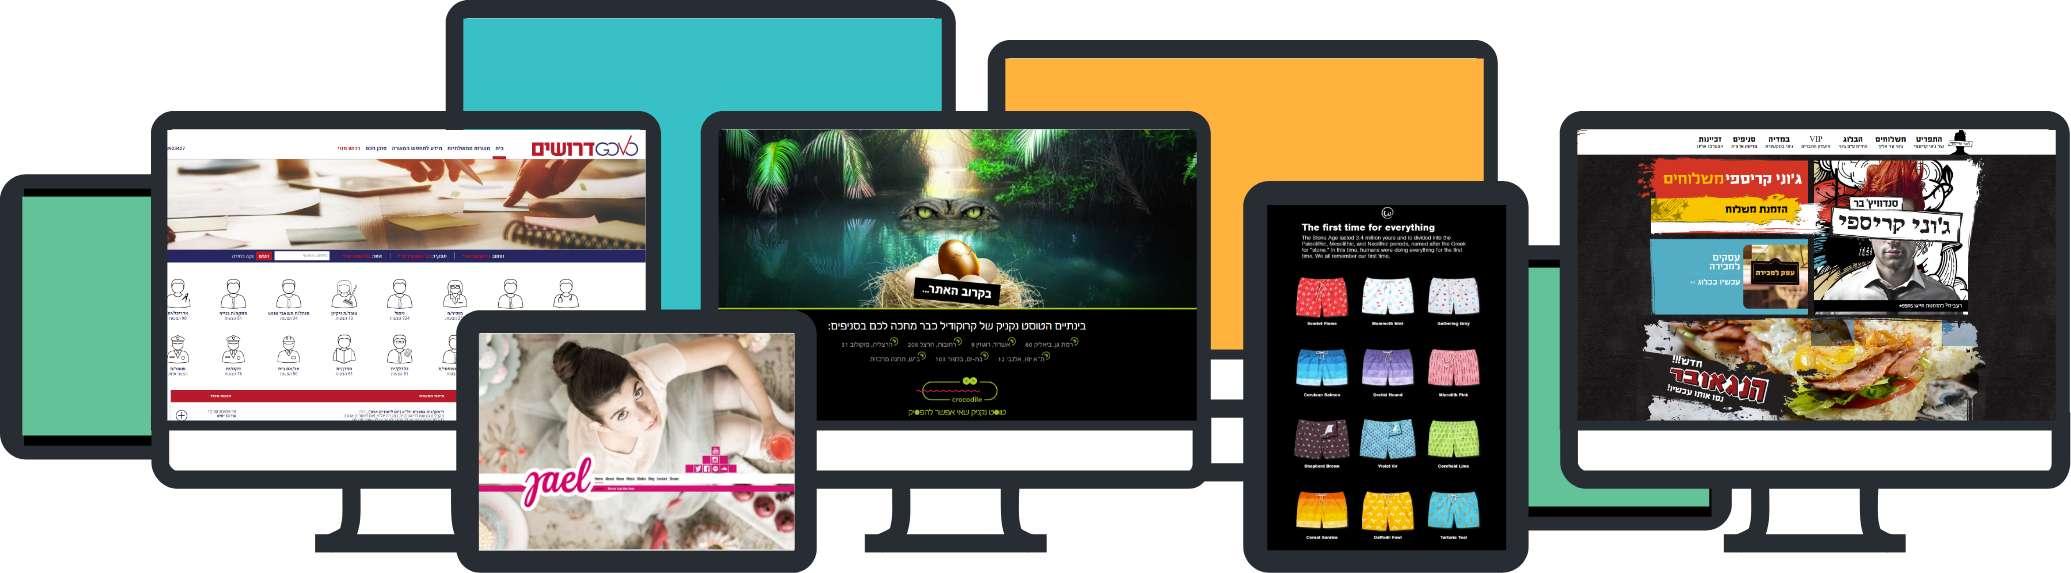 דוגמאות לאתרי תדמית, תוכן וחנויות דיגיטליות.